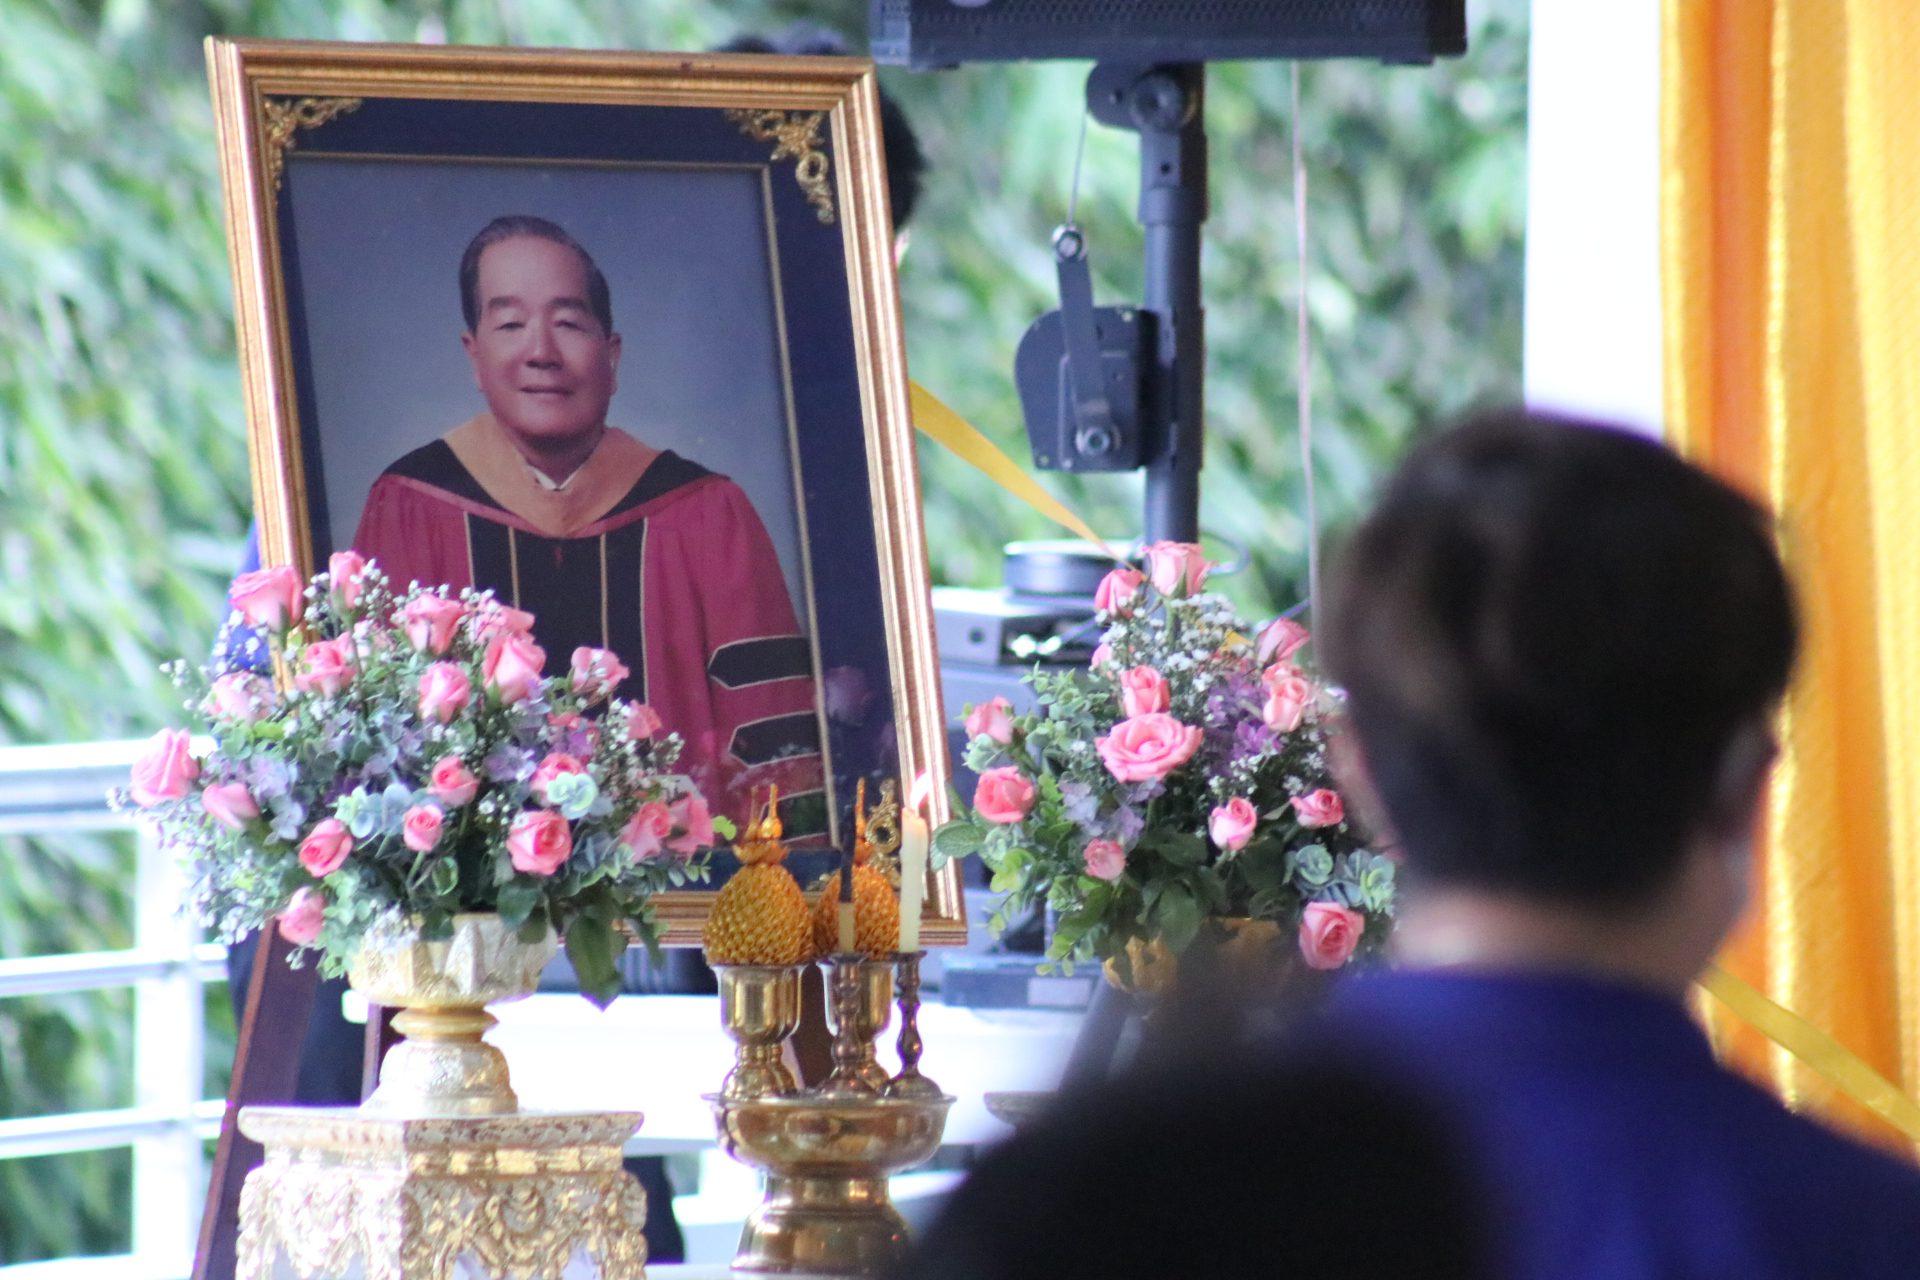 ม.ศรีปทุม ชลบุรี จัดงานรำลึก ดร.สุข พุคยาภรณ์ ผู้ก่อตั้งมหาวิทยาลัยศรีปทุม